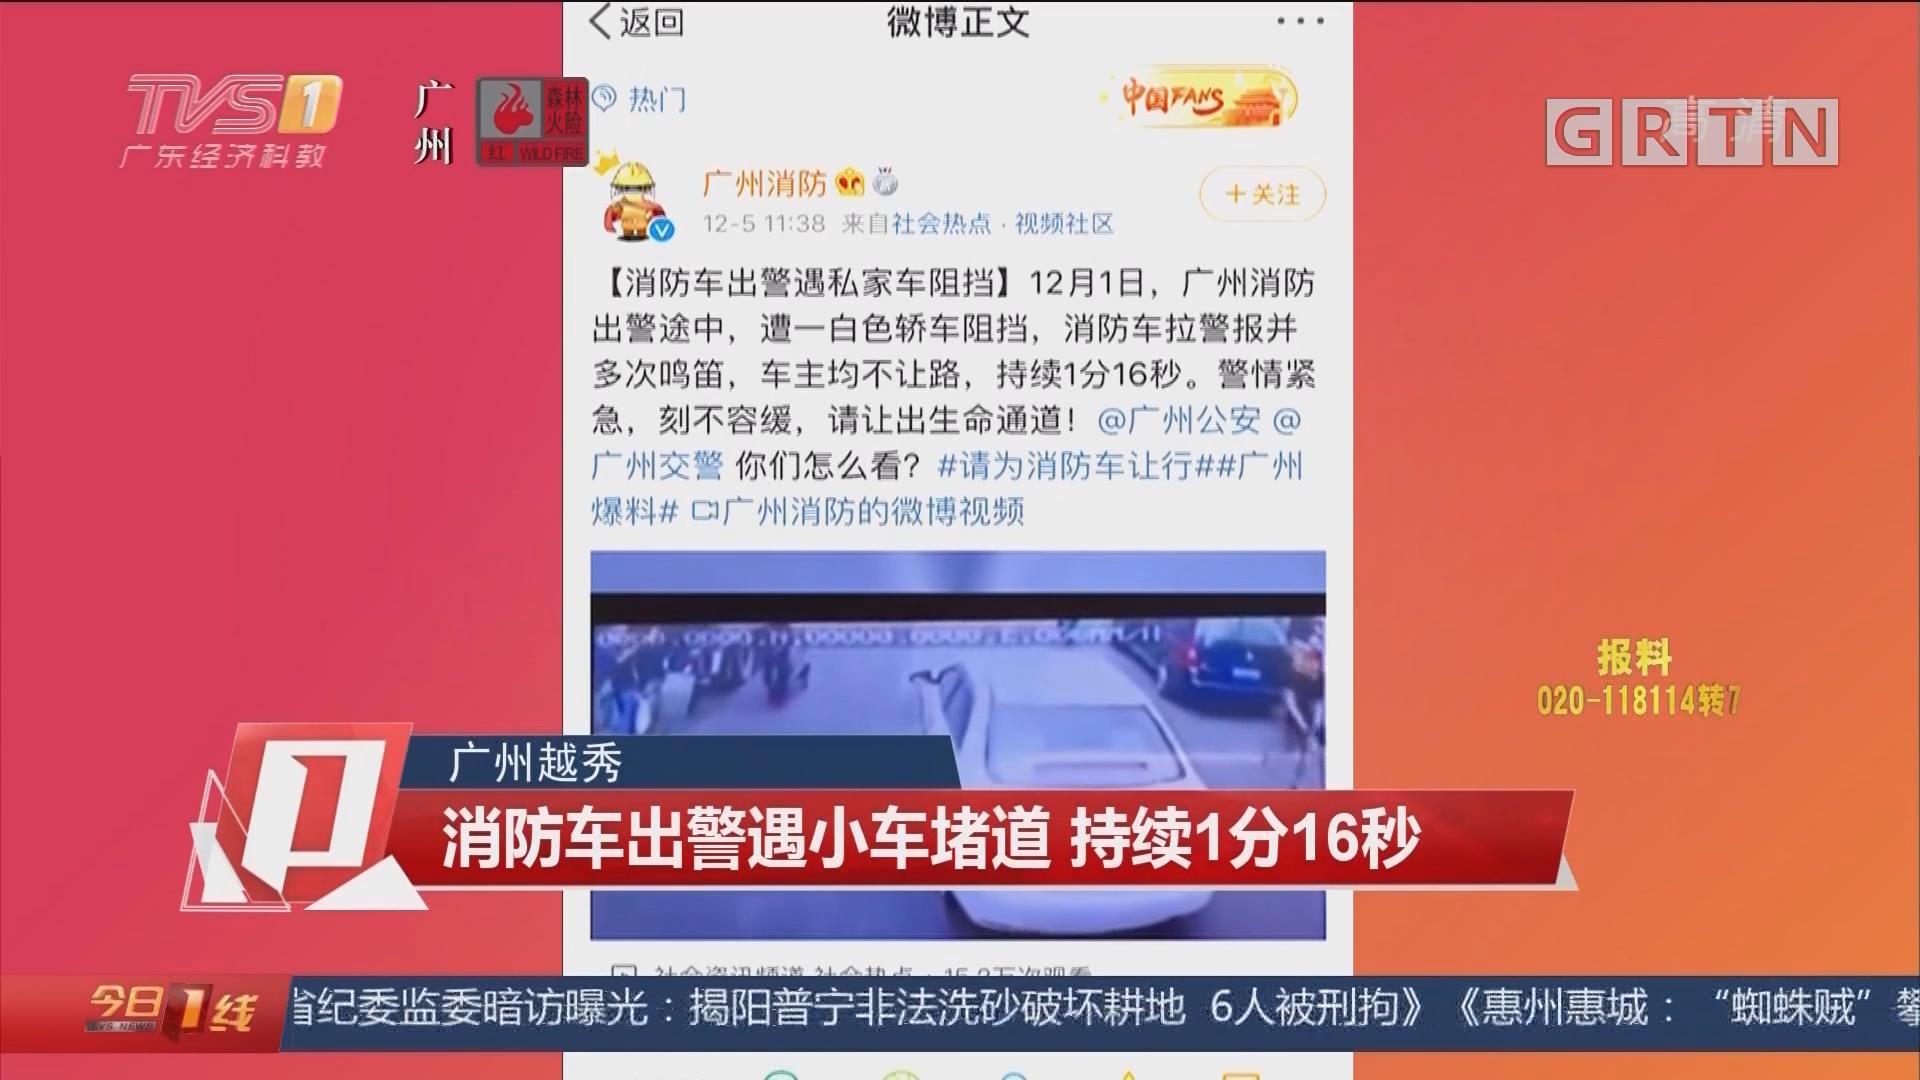 广州越秀:消防车出警遇小车堵道 持续1分16秒